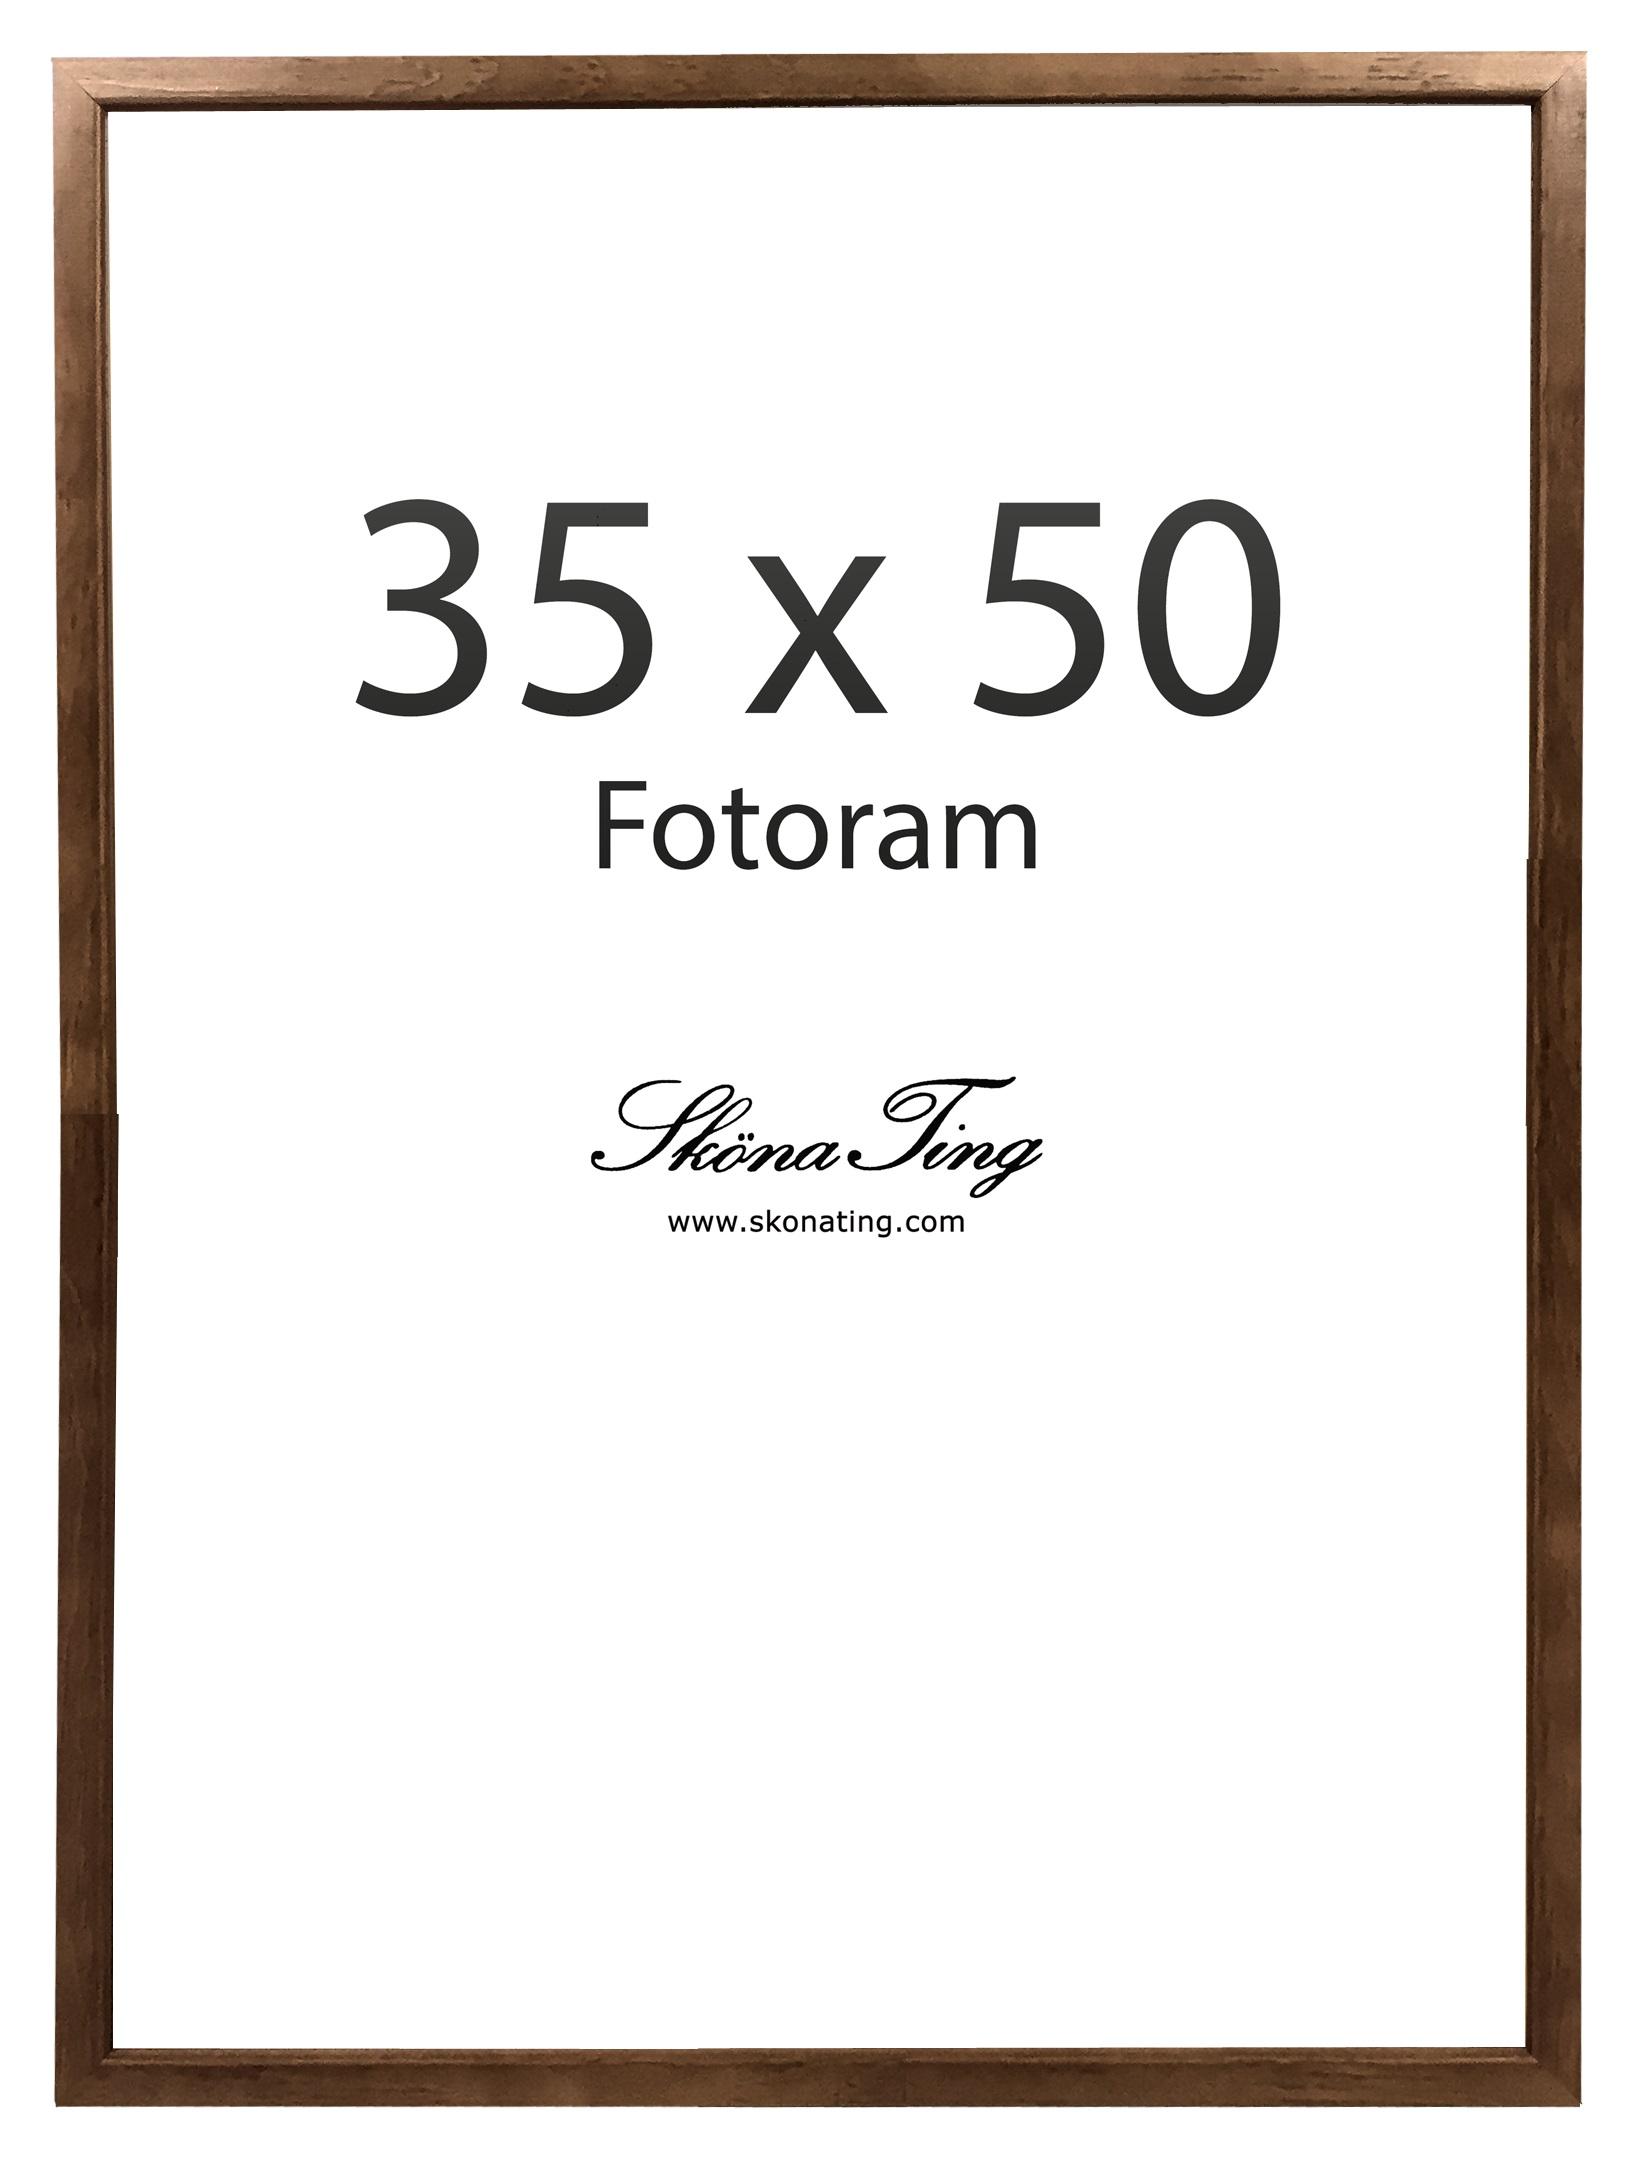 Fotoram